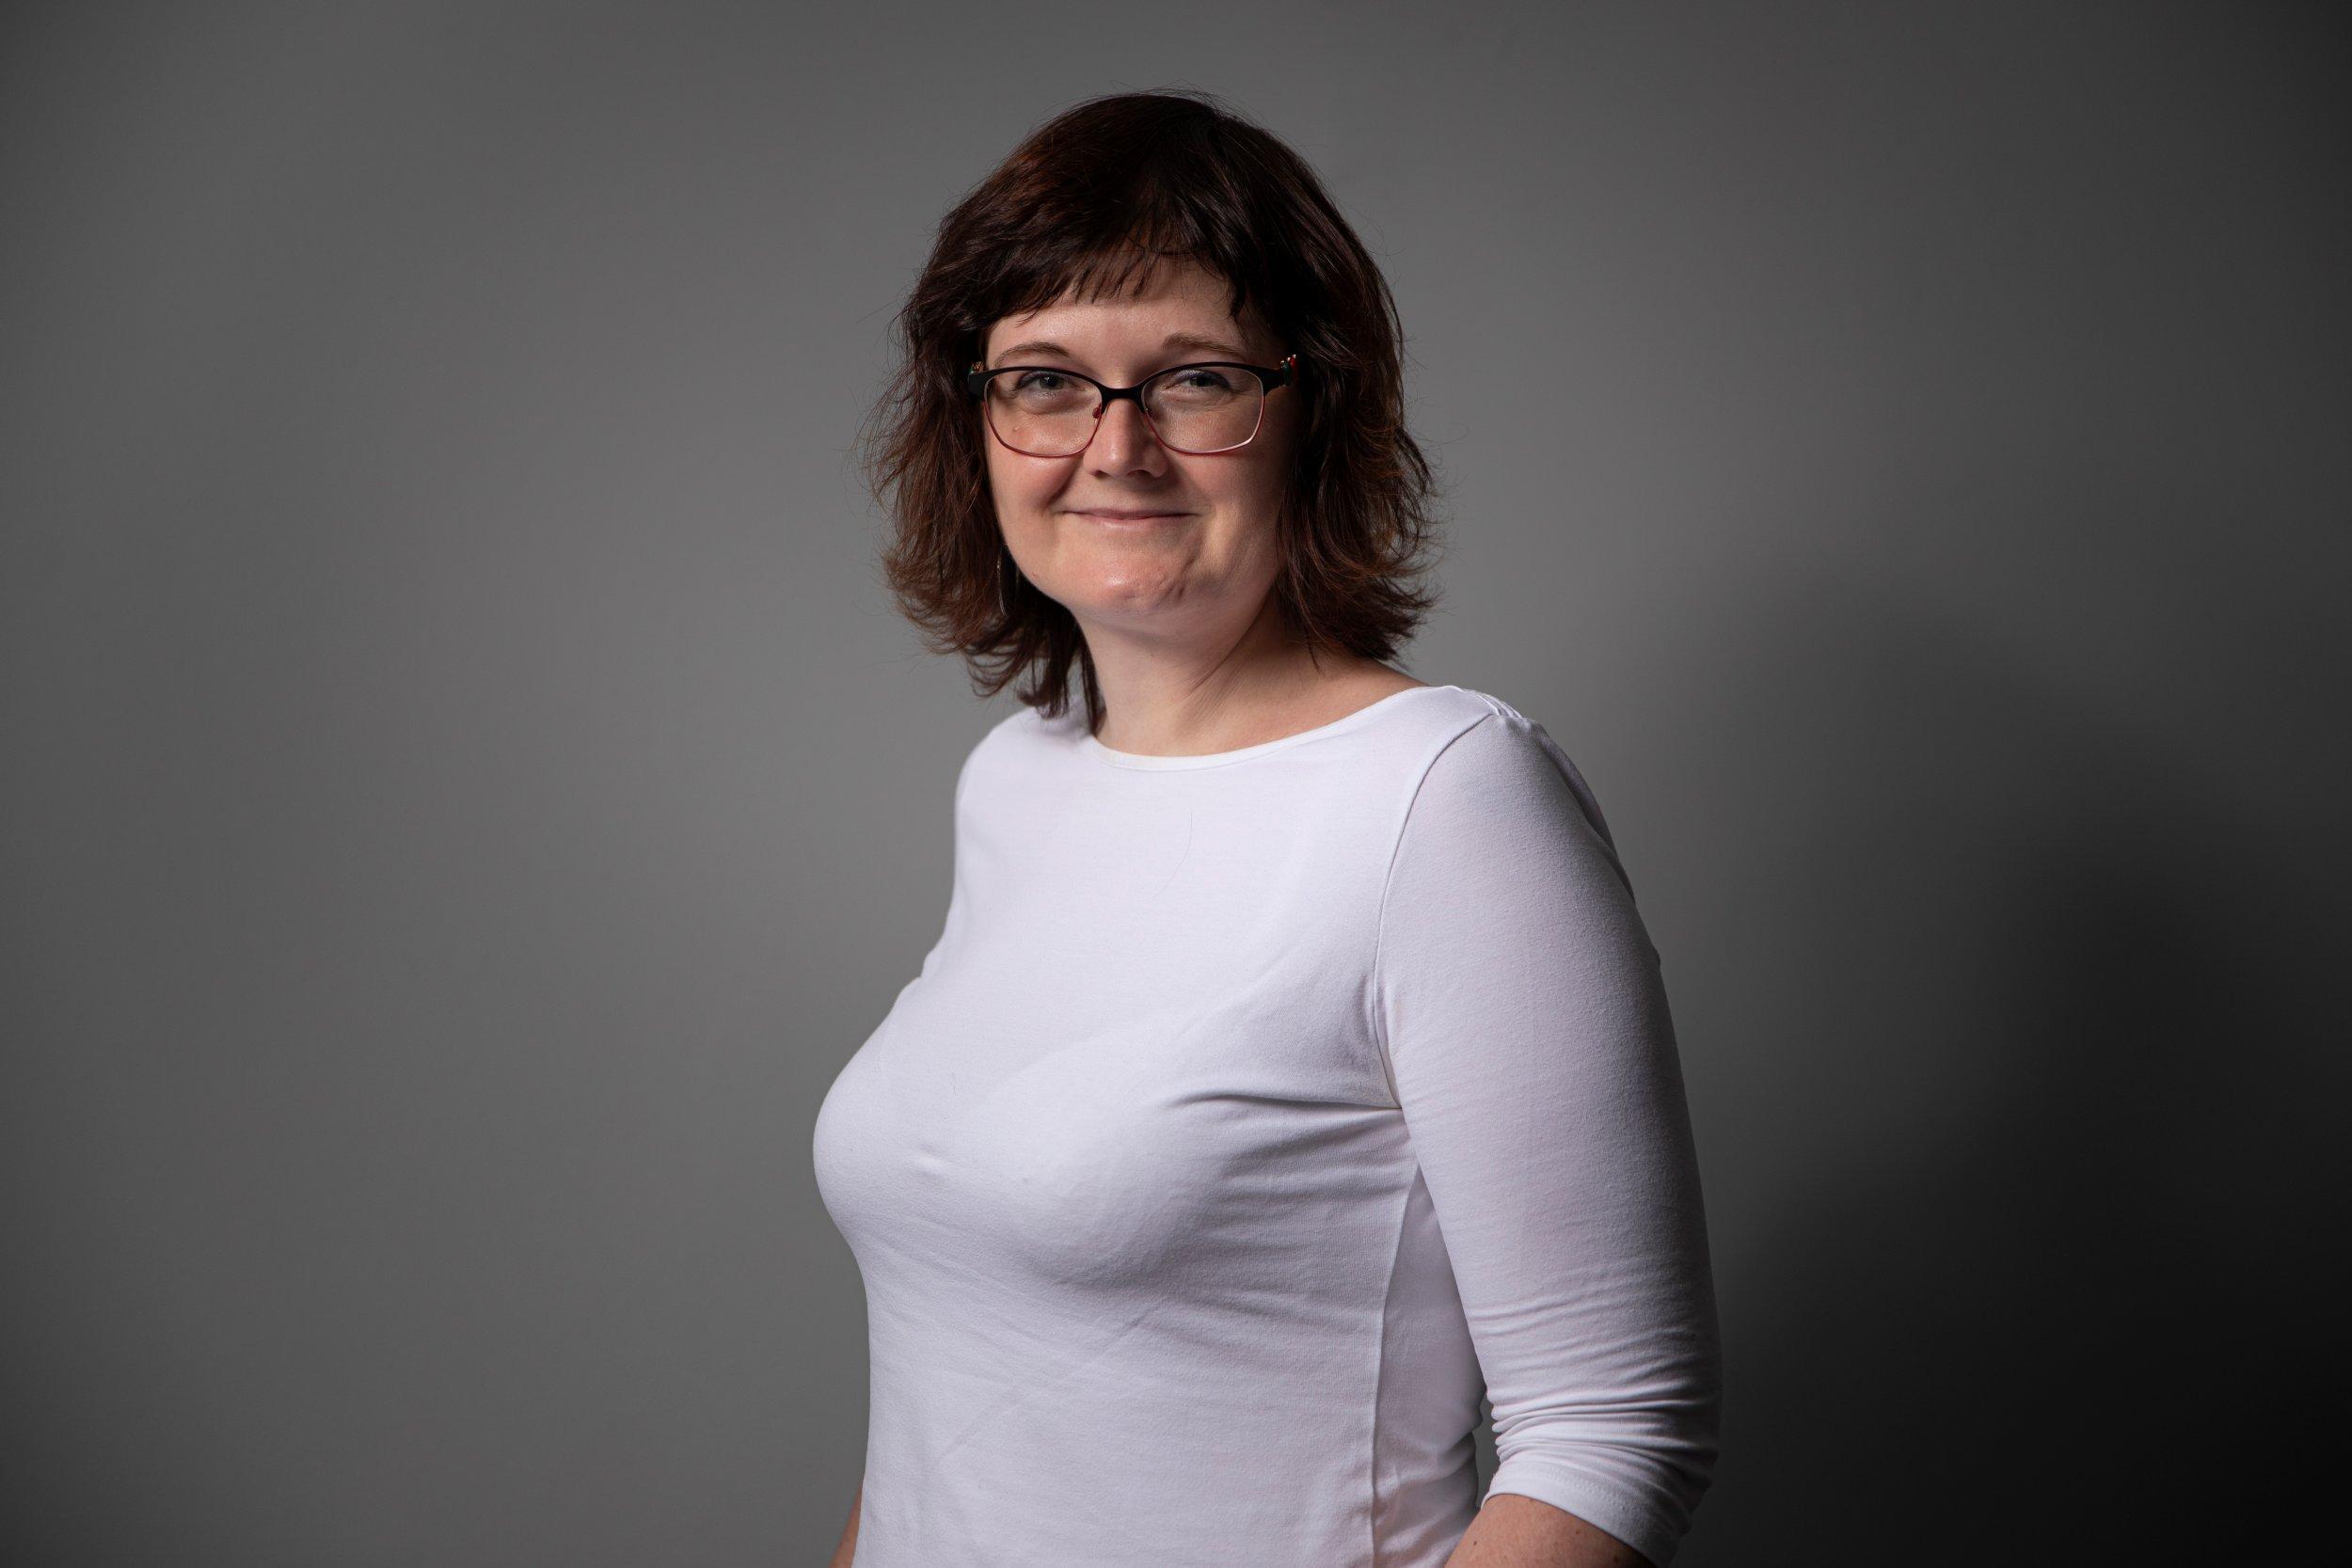 MUDr. Eva Rindová